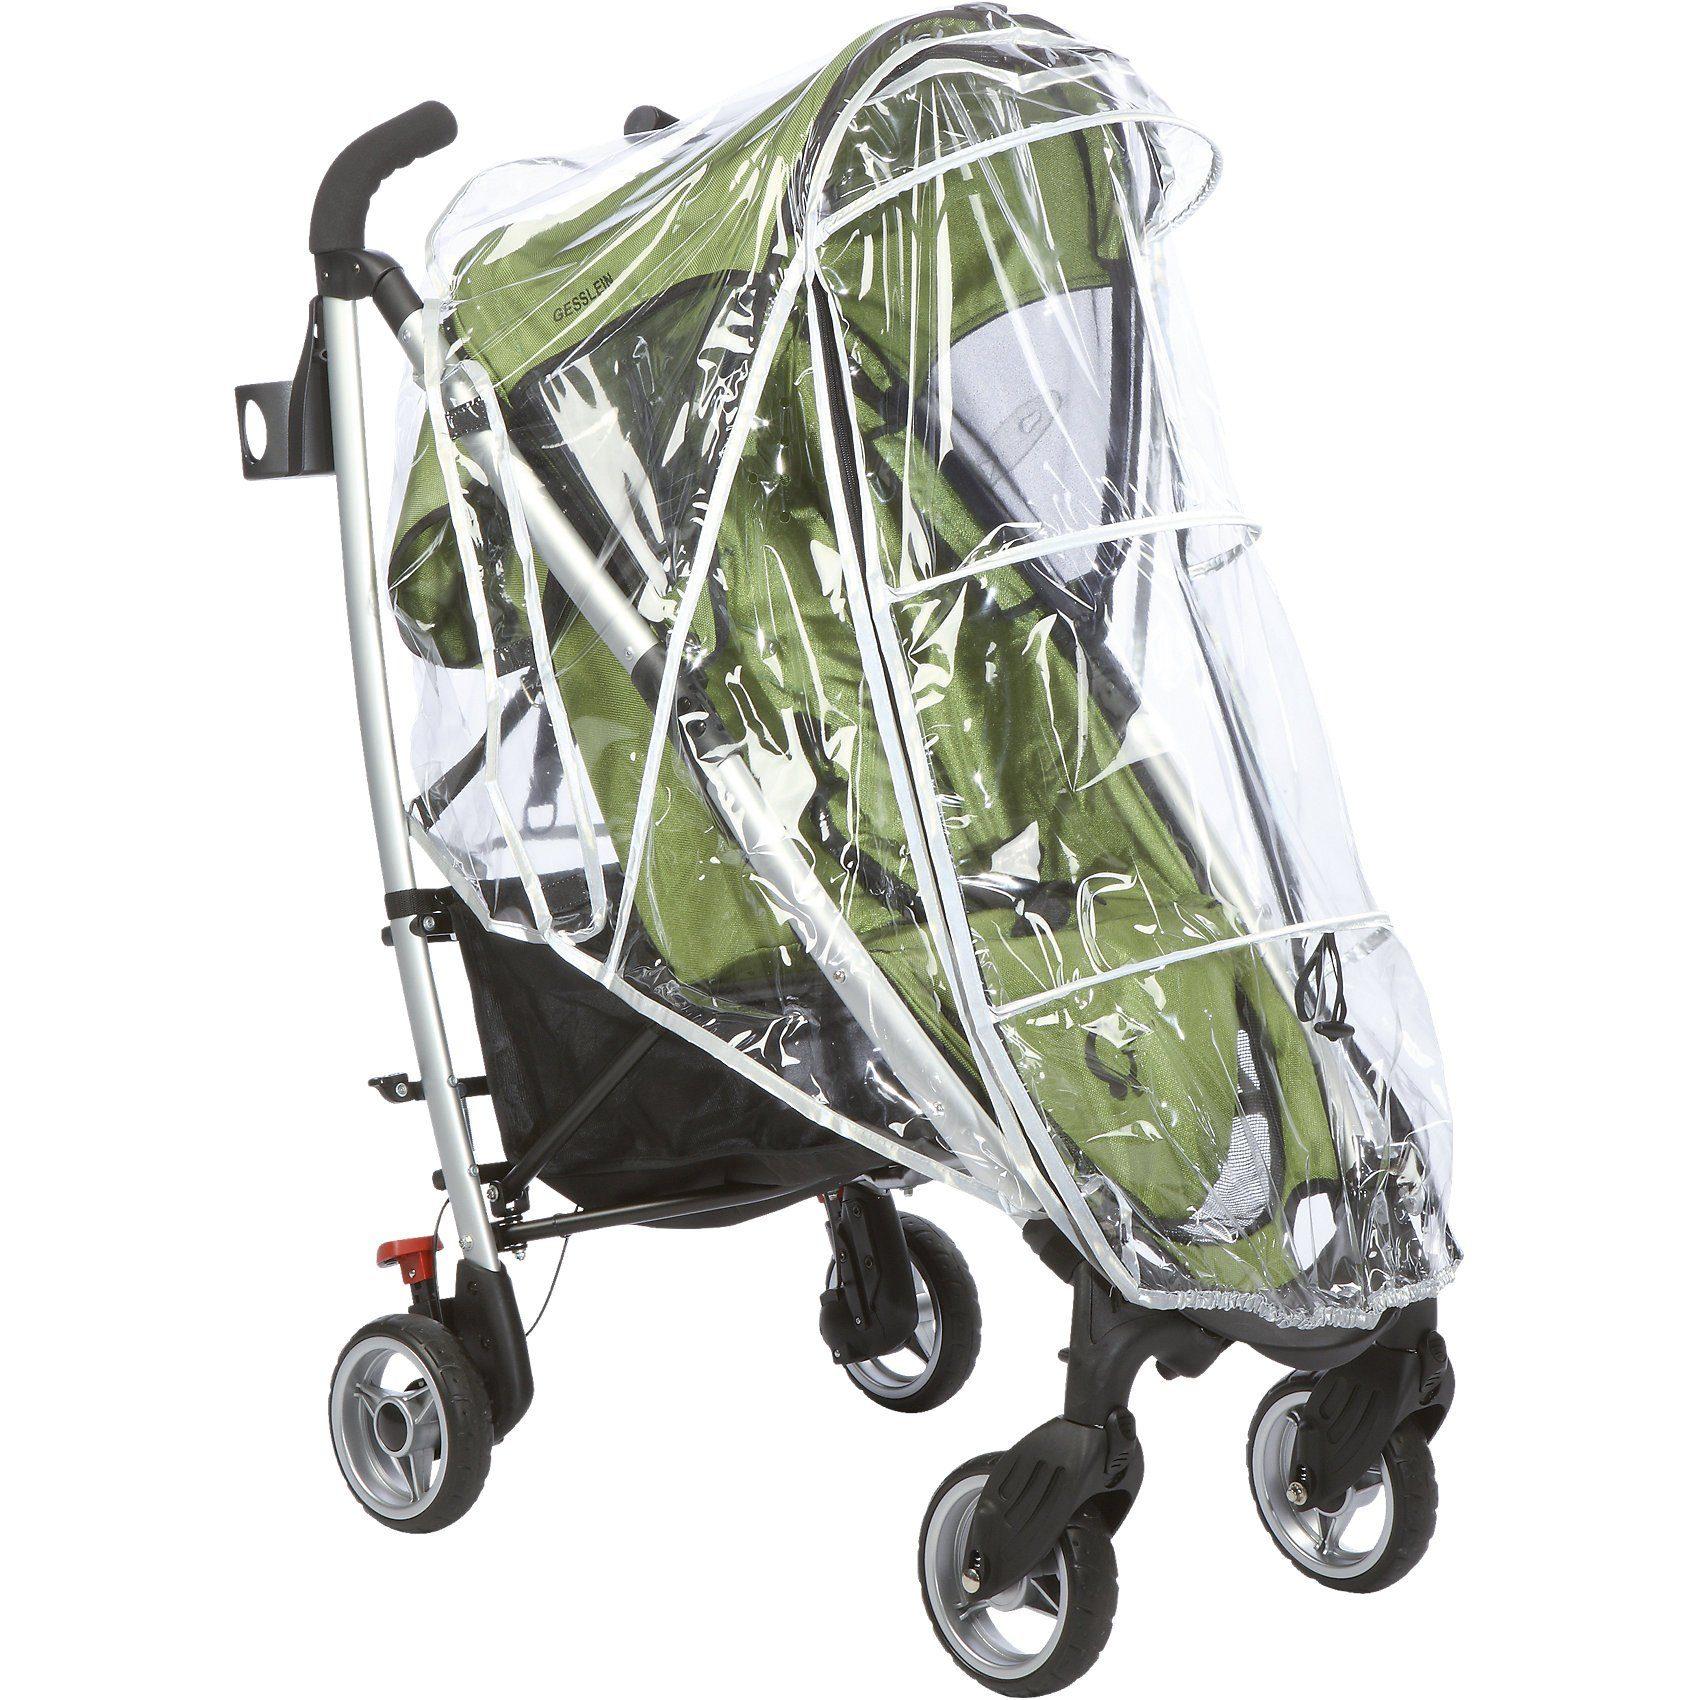 GESSLEIN Regenschutz mit Reflektoren für Kinderwagen und Buggys